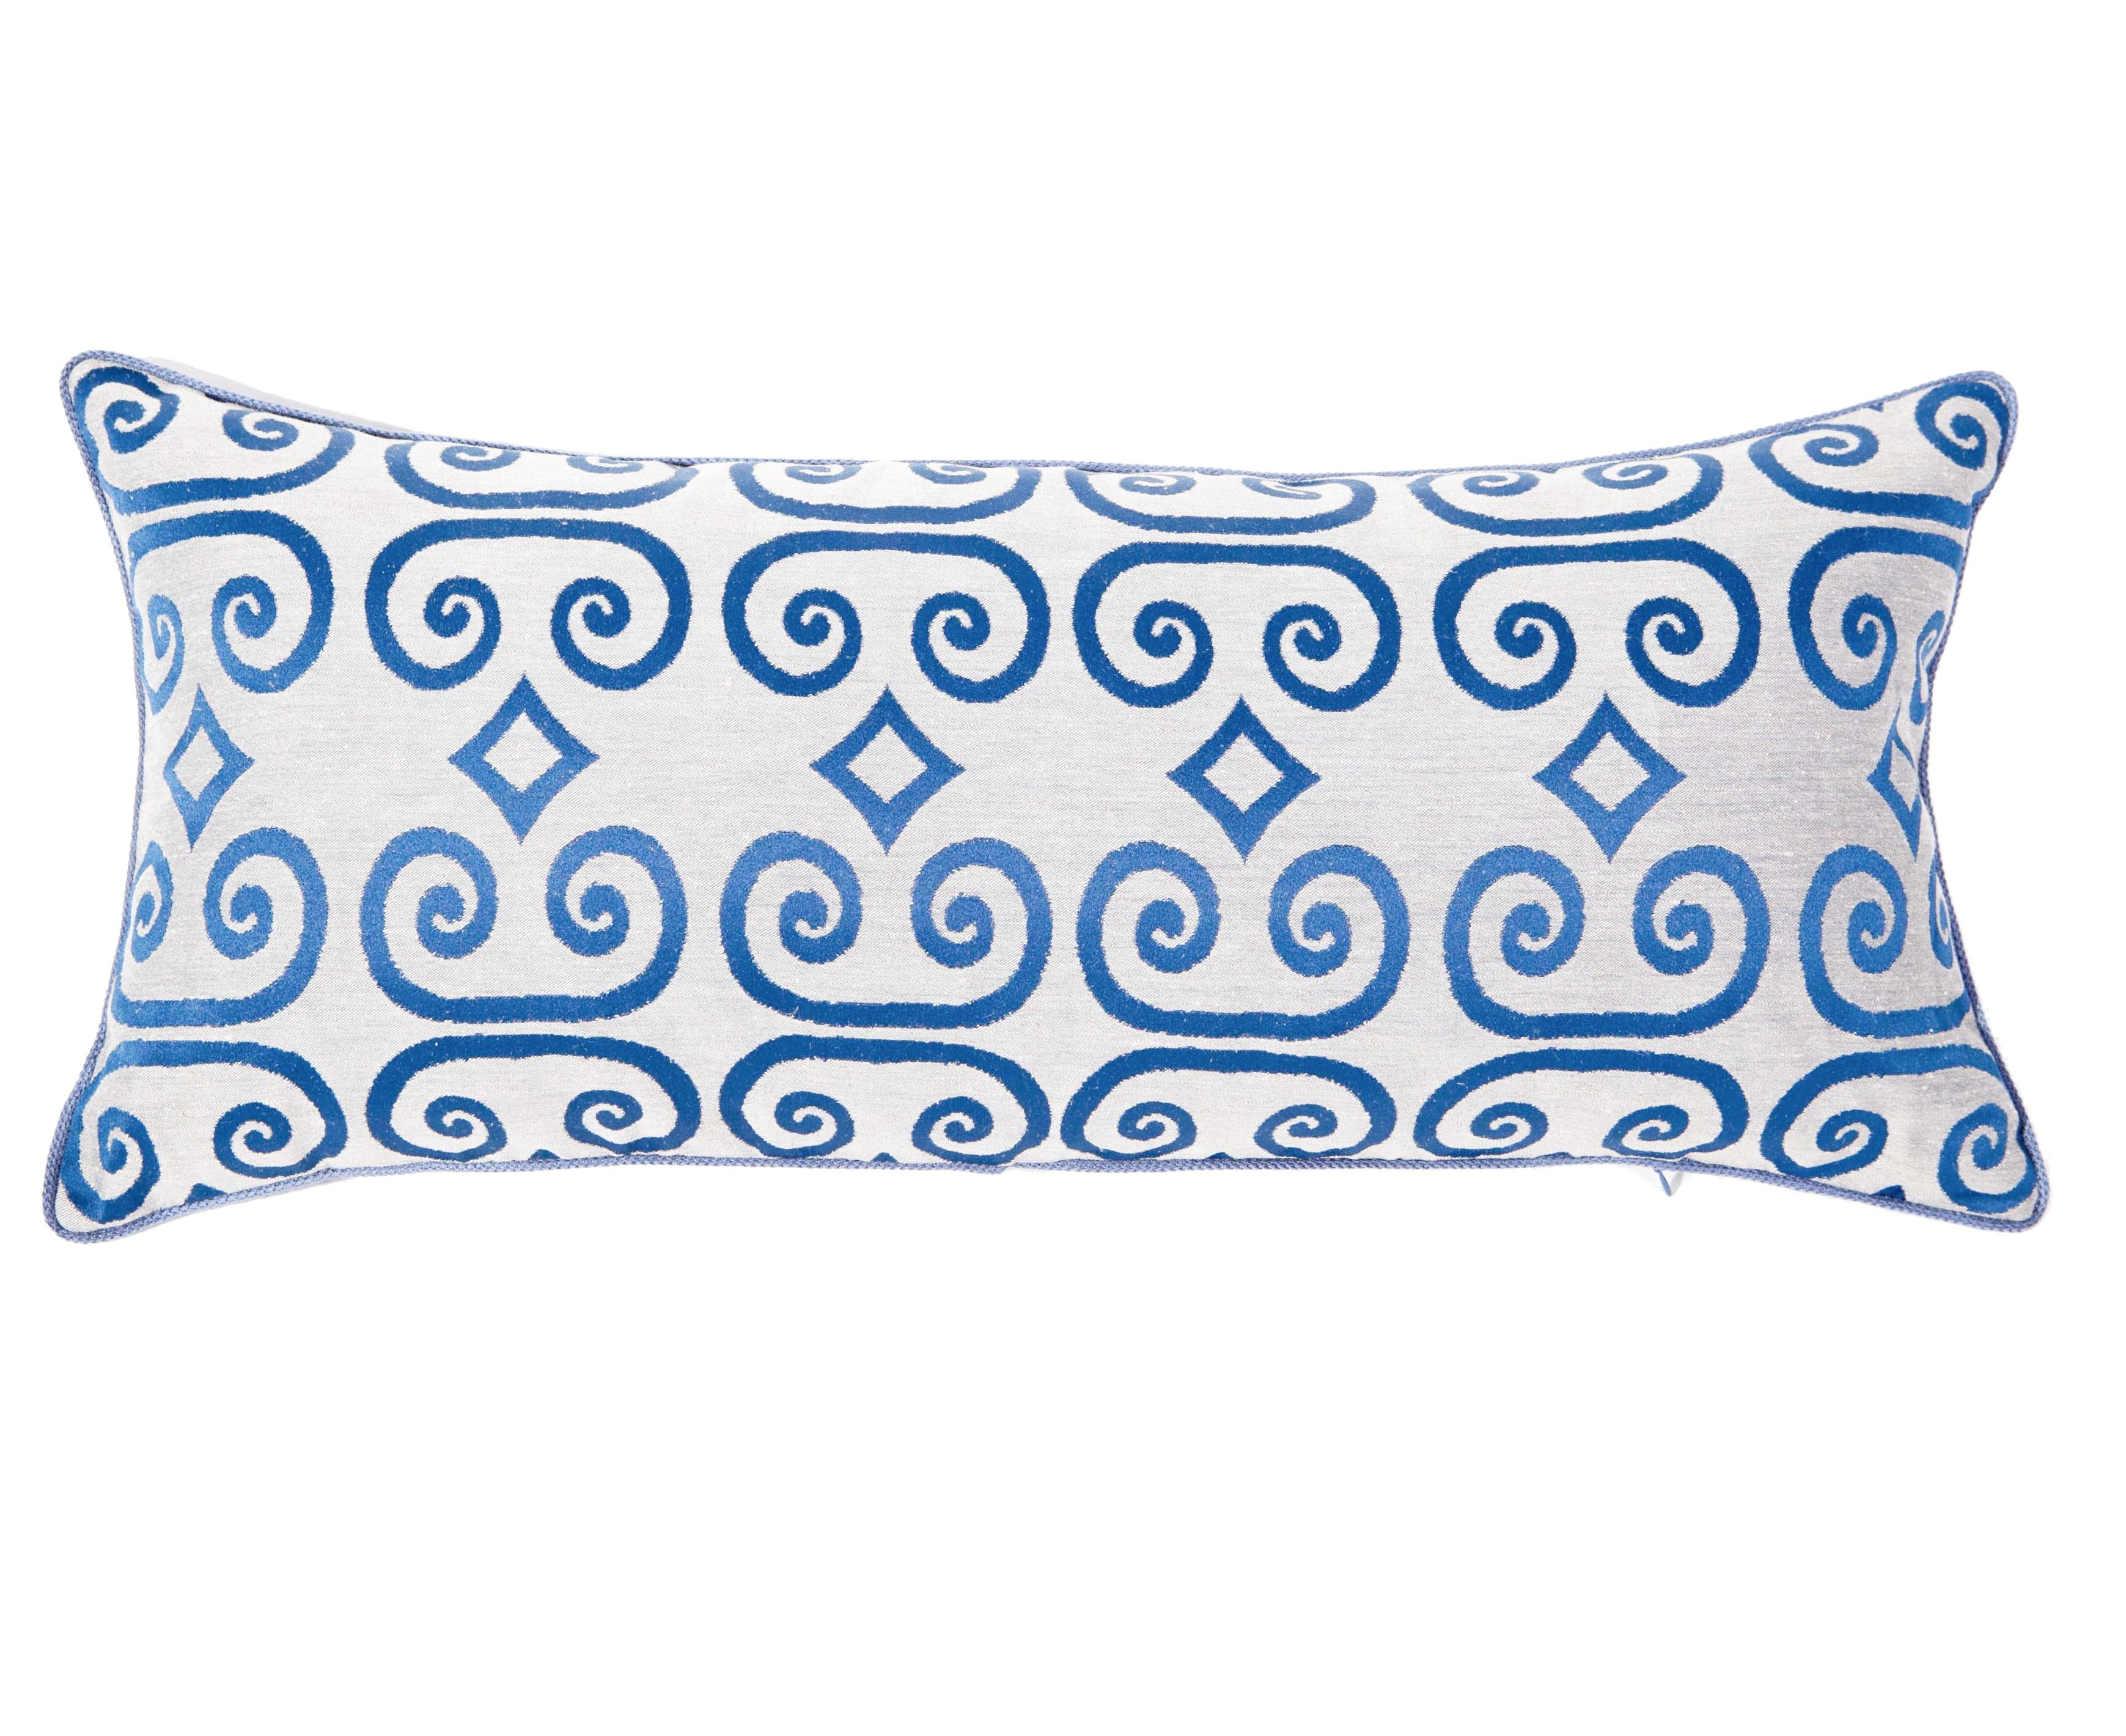 Подушка ЗавиткиПрямоугольные подушки и наволочки<br>Орнамент, украшающий вытянутую подушку, создан по мотивам древнерусской книжной миниатюры. На фоне из натурального льна изображены завитки и ромбы с форзаца старинной книги. Состав ткани: 51% лен, 49 % полиэфир. Наполнитель 100% холлофайбер<br><br>Material: Лен<br>Length см: 80.0<br>Width см: 35.0<br>Depth см: None<br>Height см: None<br>Diameter см: None